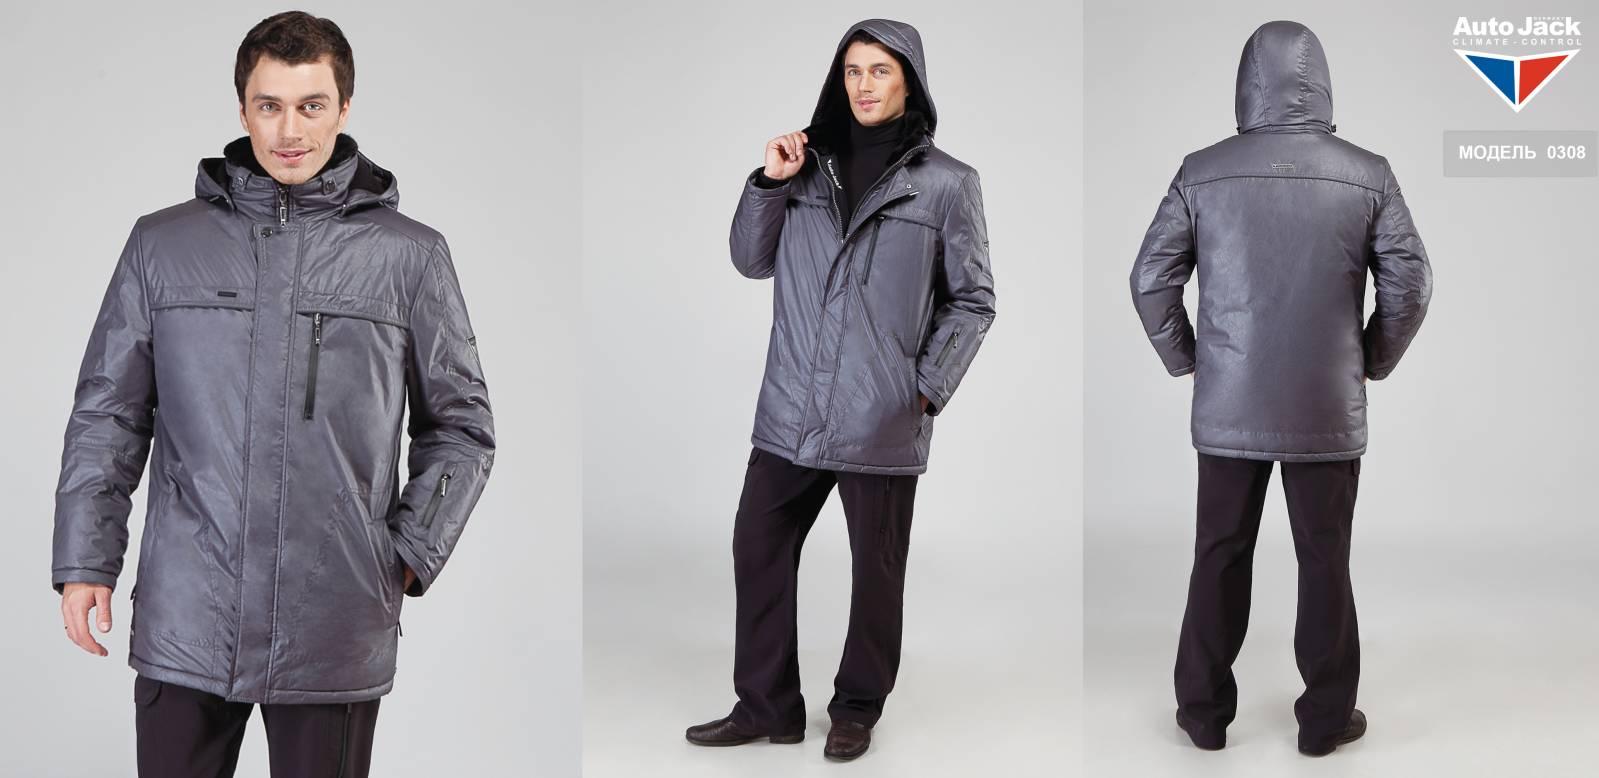 Куртка Climate Autojack Купить